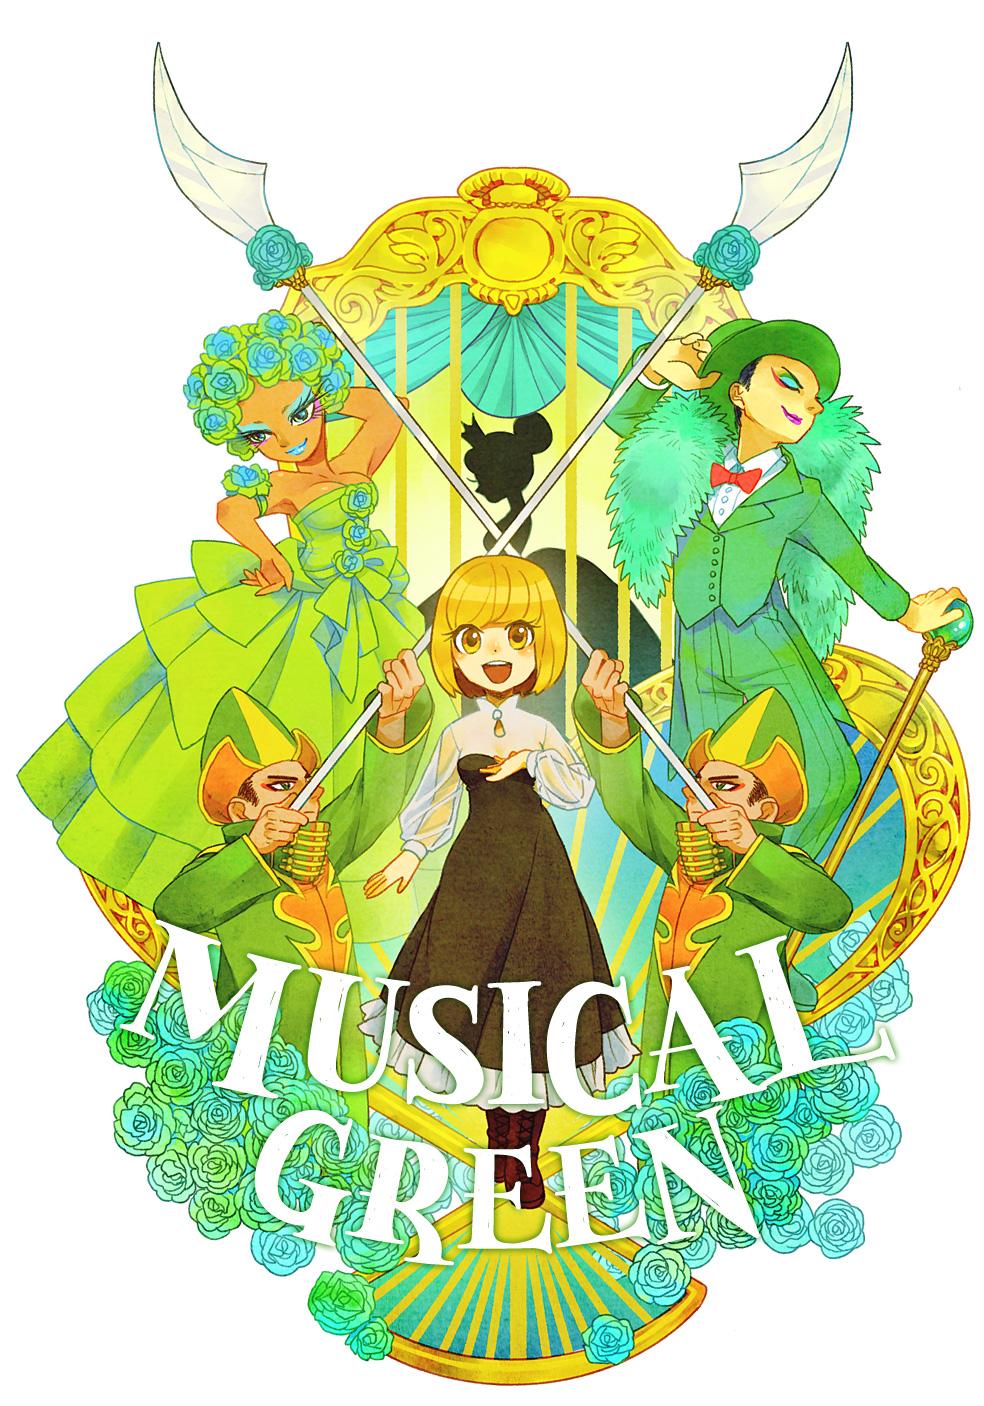 ミュージカル グリーン クリエイターへの直接発注で高品質なイラストを